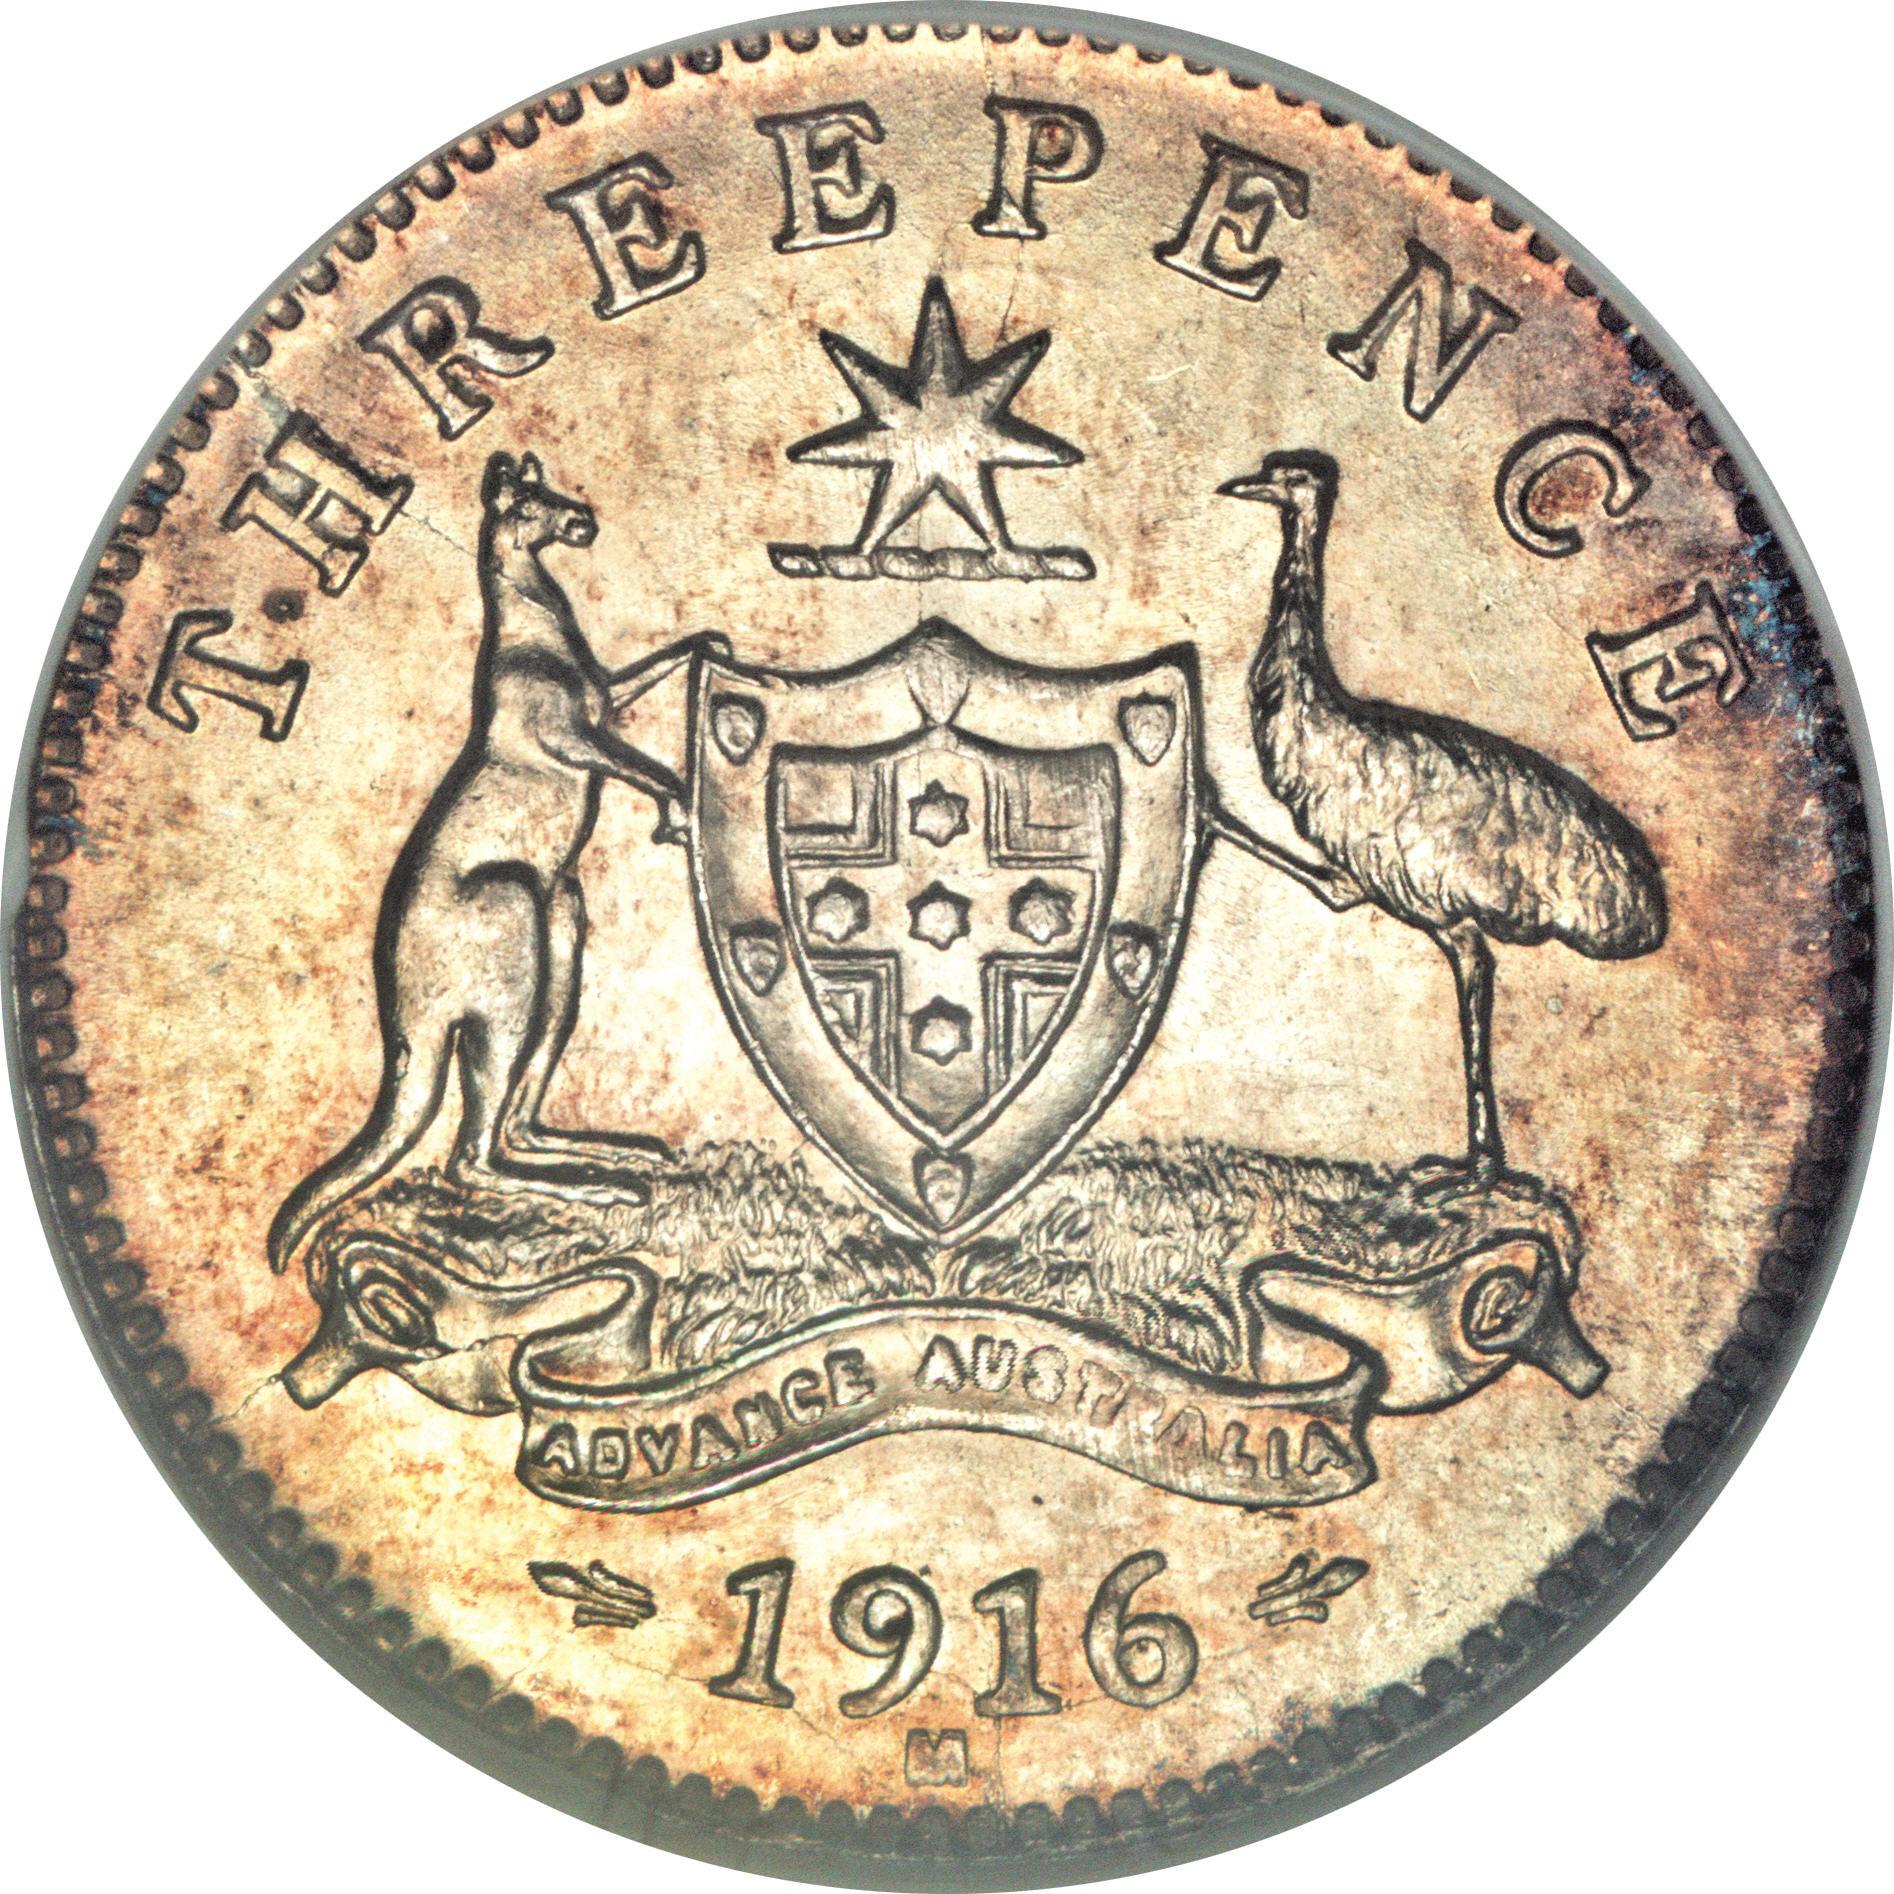 3 Pence - George V - Australia – Numista